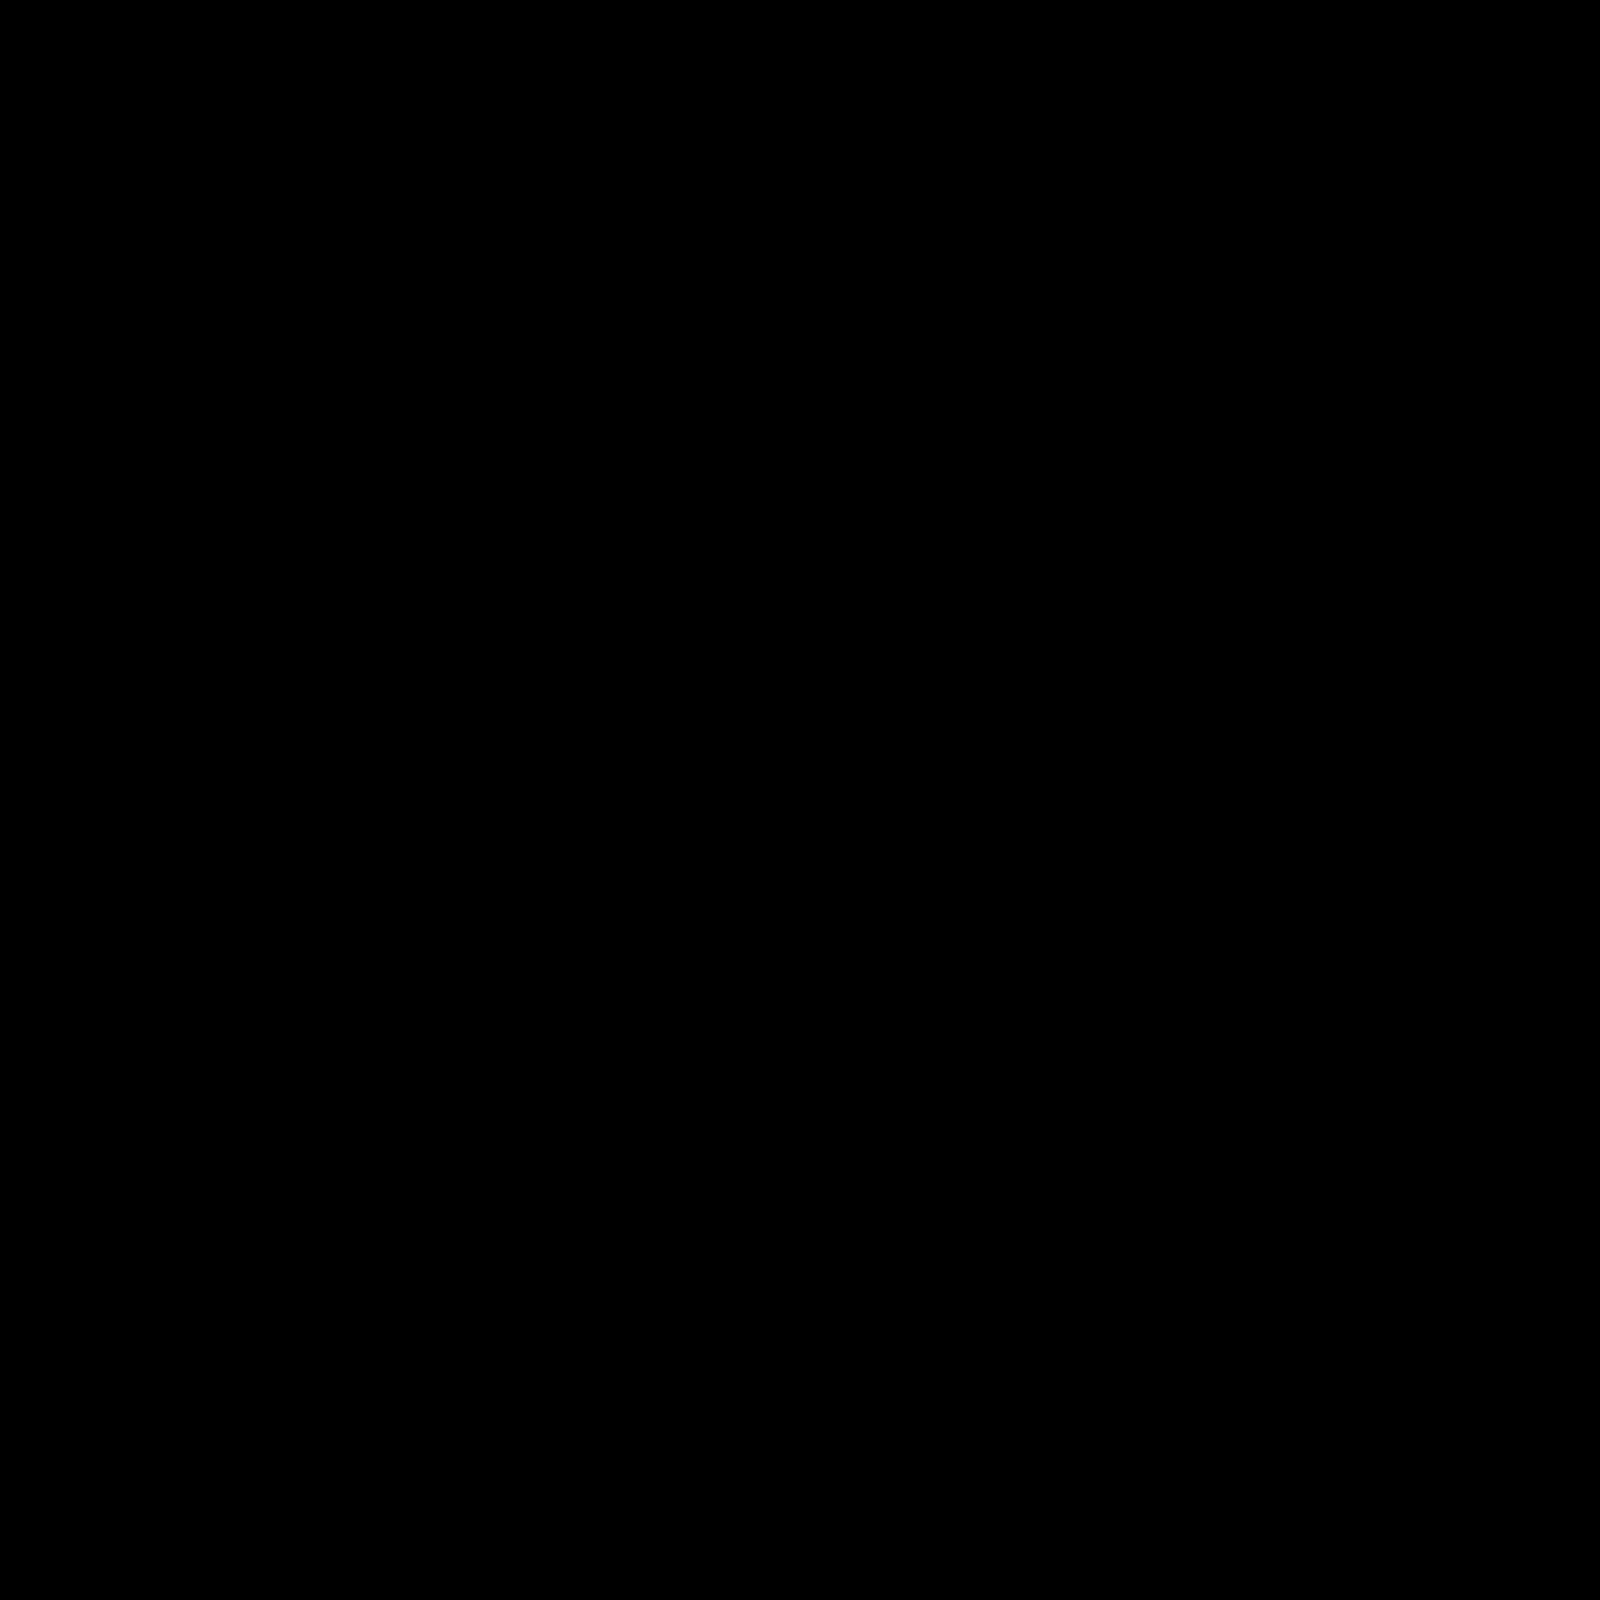 Rakieta icon